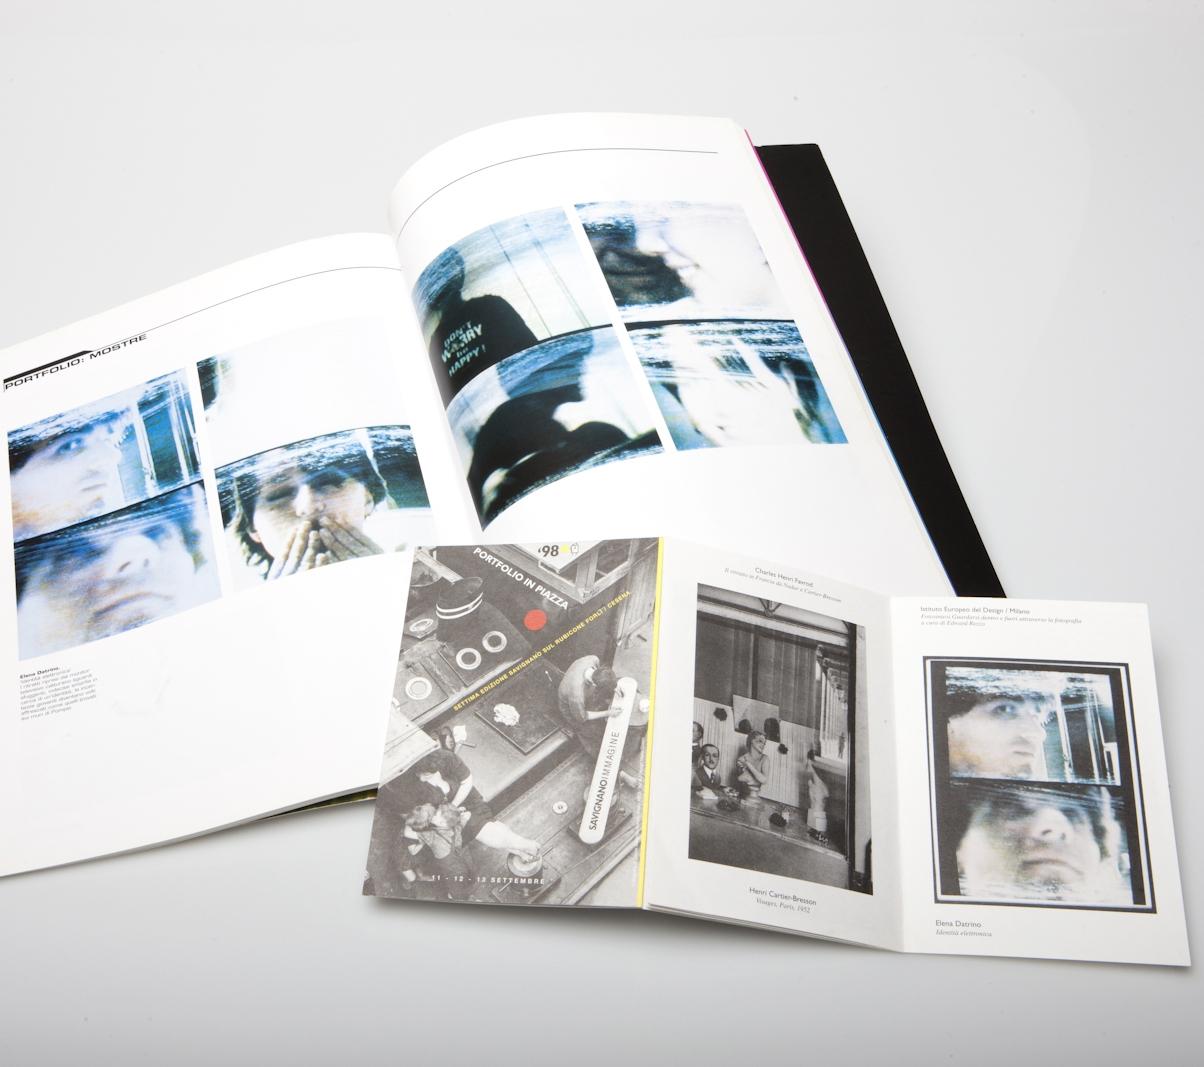 Editorials  Immagini Fotopratica Magazine, Design Diffusion Editions, Milan 1998